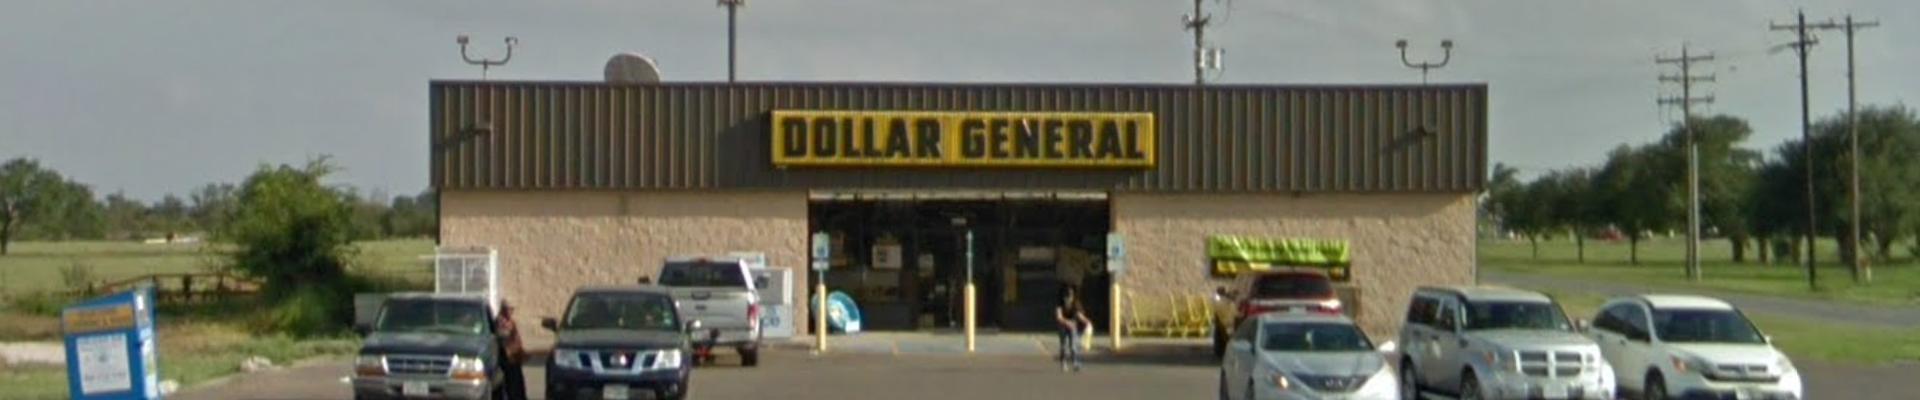 Dollar General (10292) – Edcouch, Texas